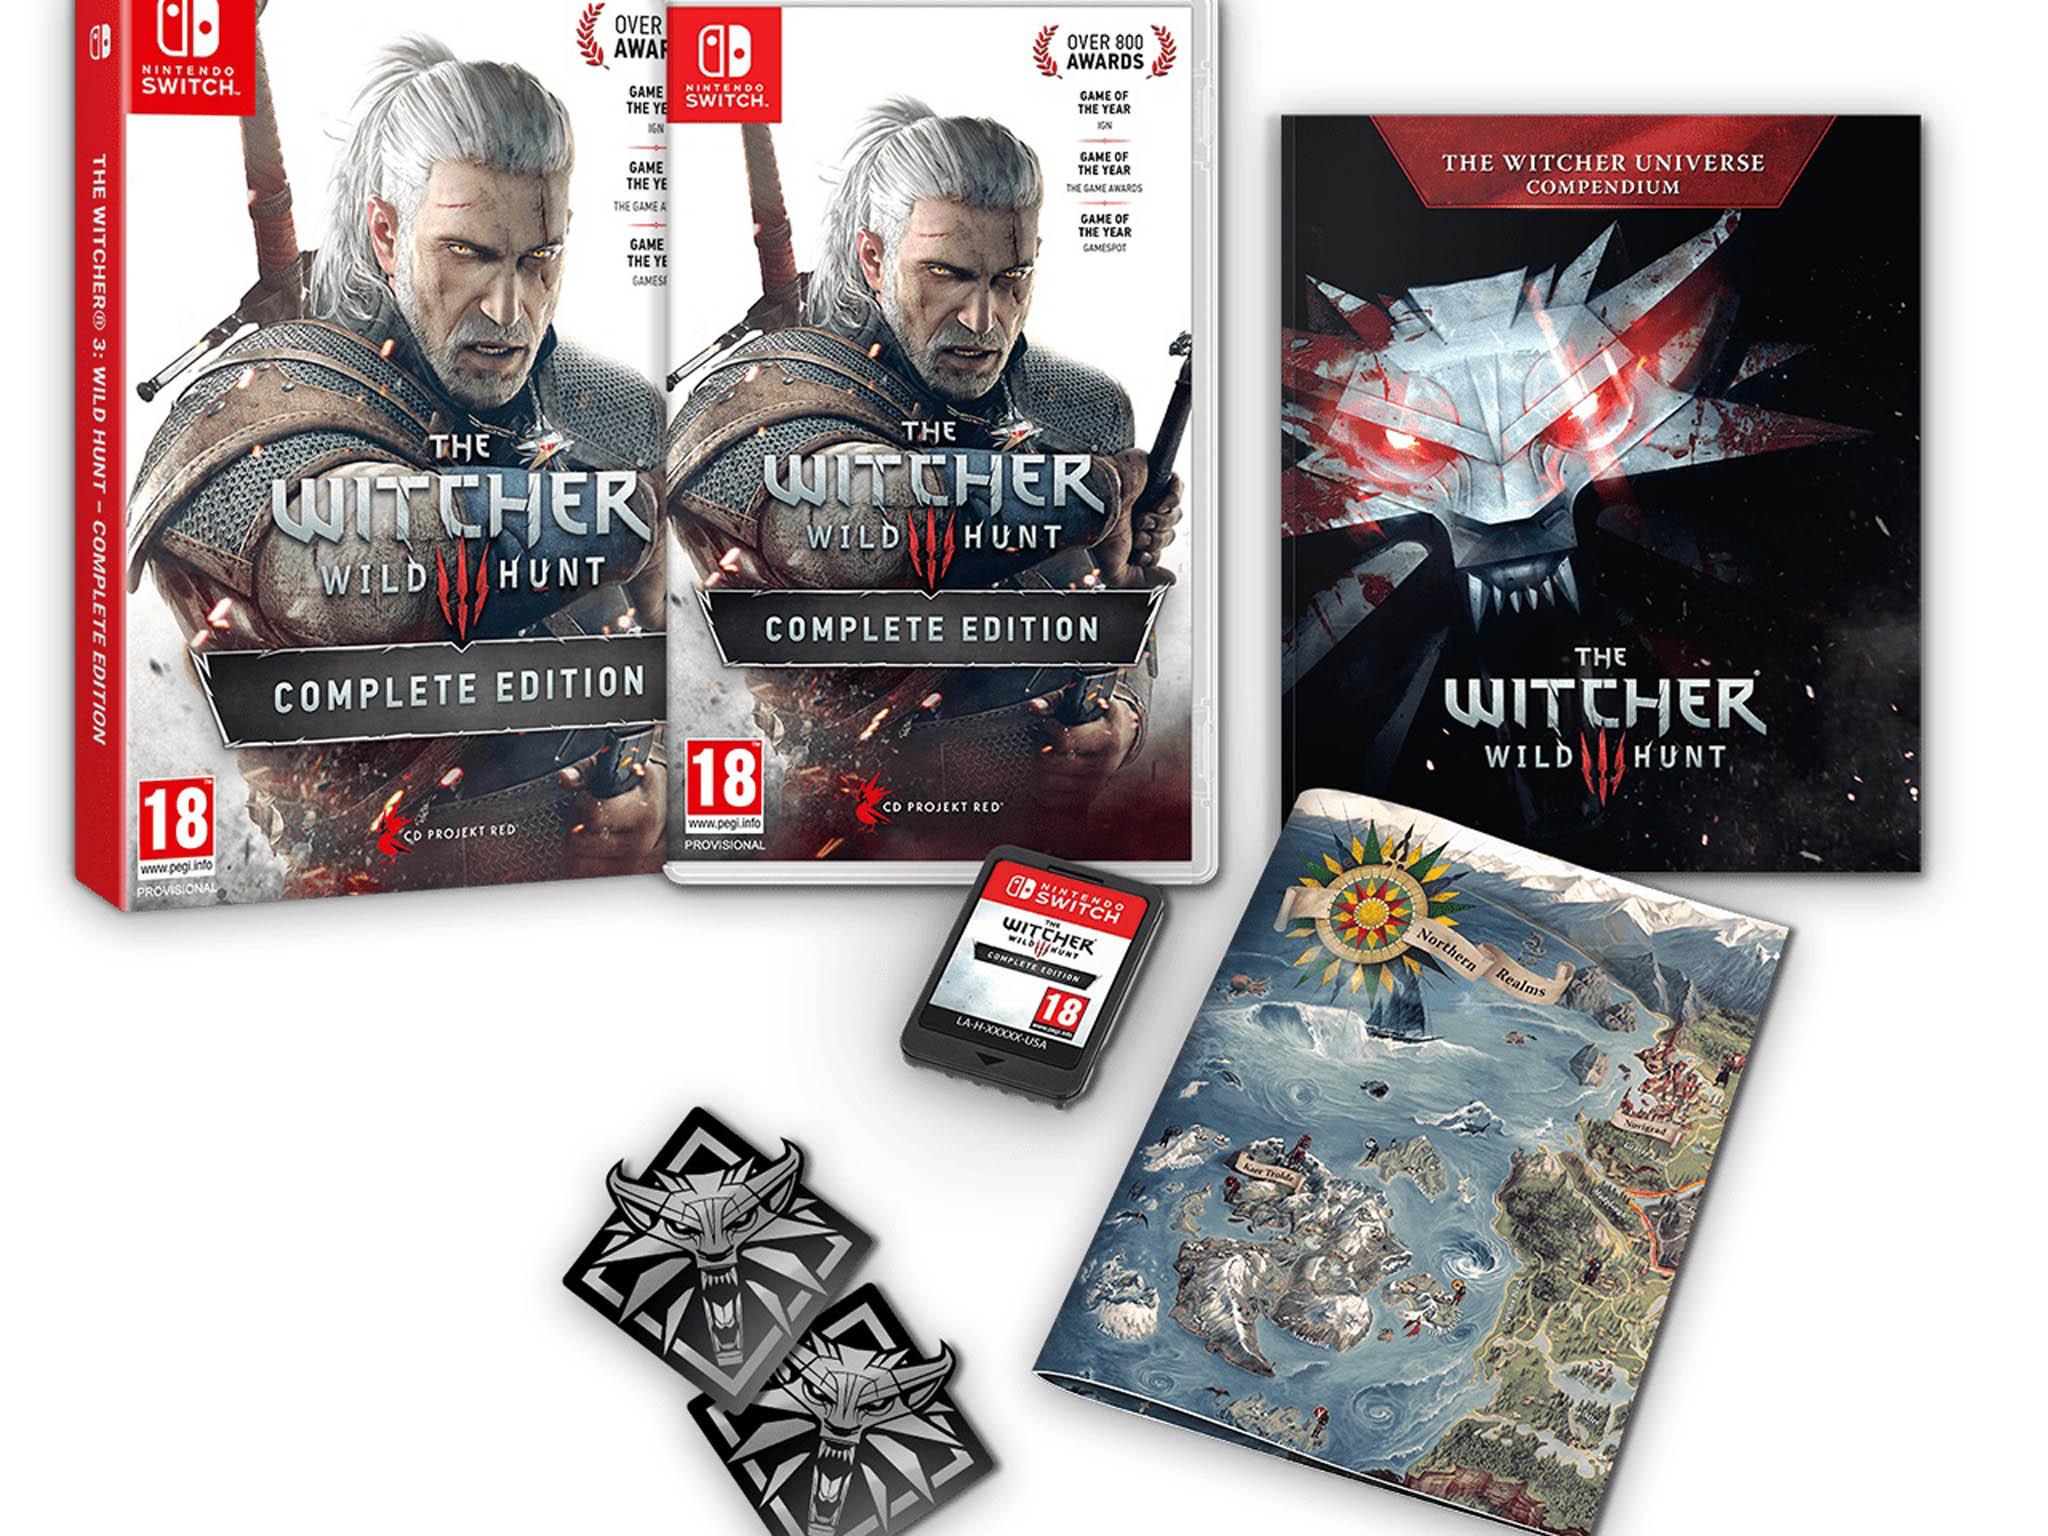 Witcher 3 Complete Edition pro herní konzoli Nintendo Switch převádí rozsáhlou PC hru sdesítkami hodin rozhovorů amorálně nejednoznačnými úkoly dokapesního zařízení.